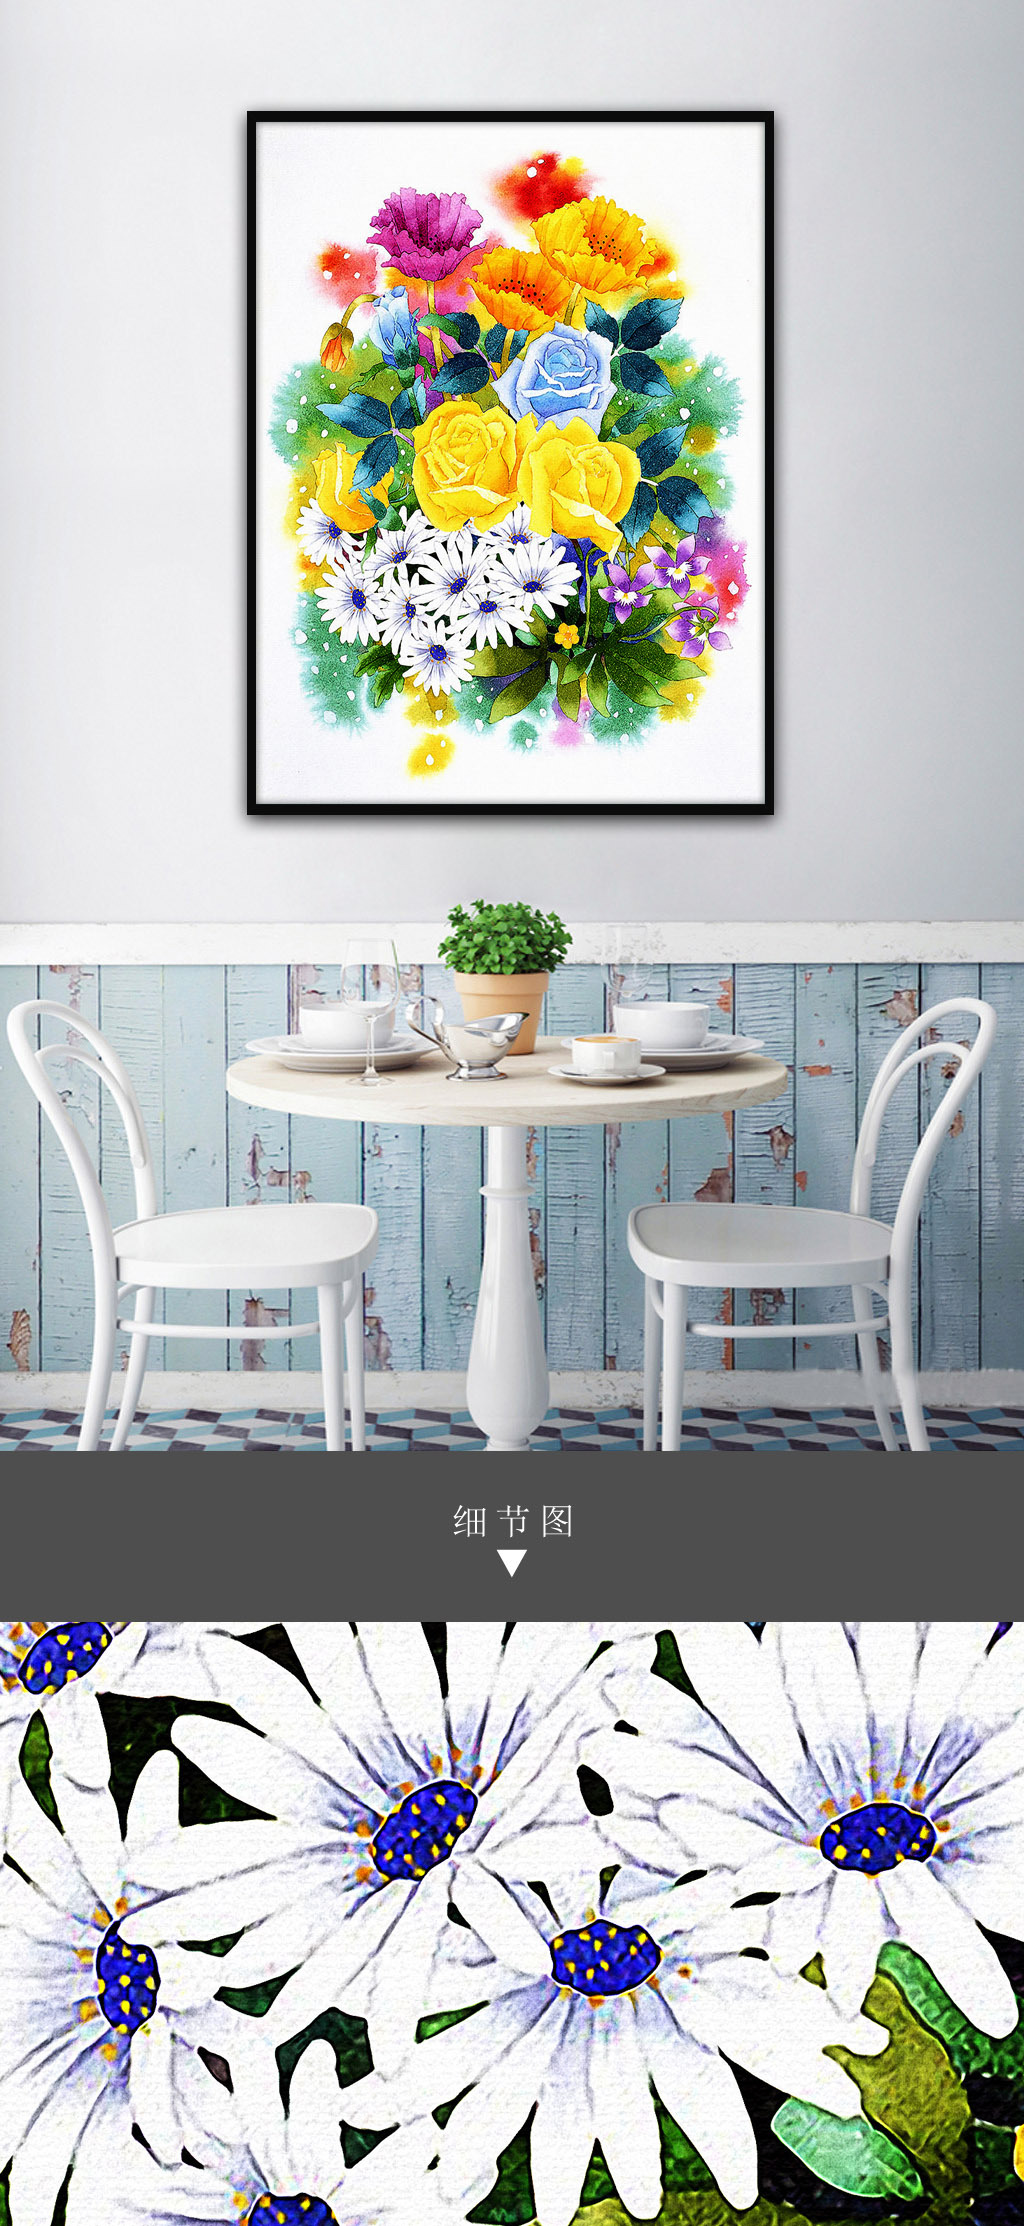 黄蓝玫瑰花白色车矢菊手绘小清新花卉.